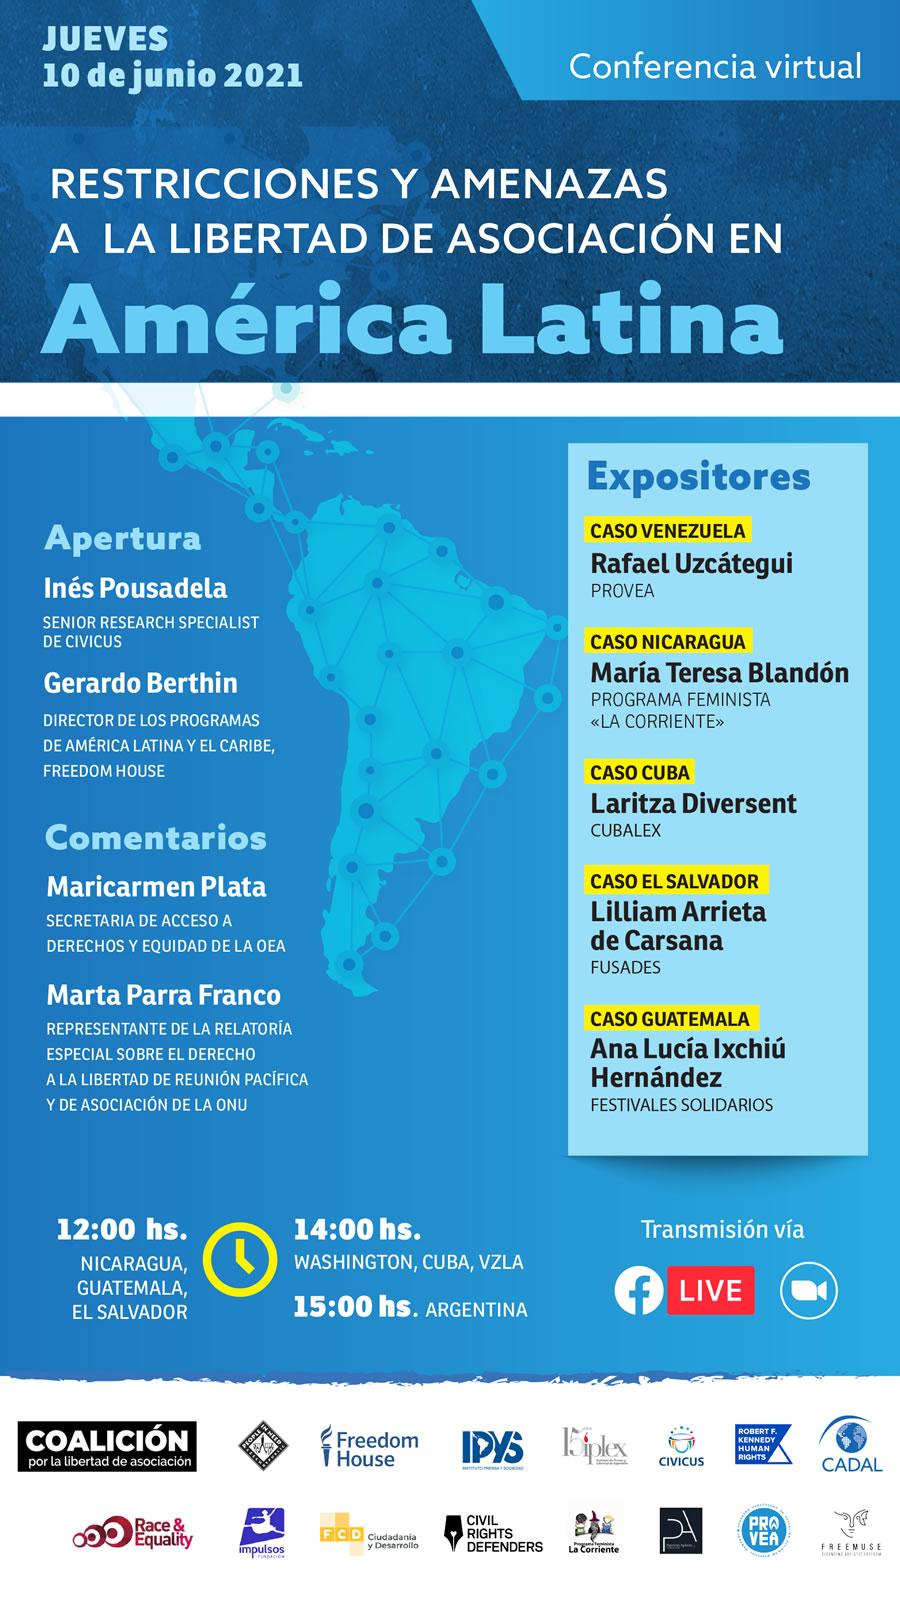 Restricciones y amenazas a la libertad de asociación en América Latina